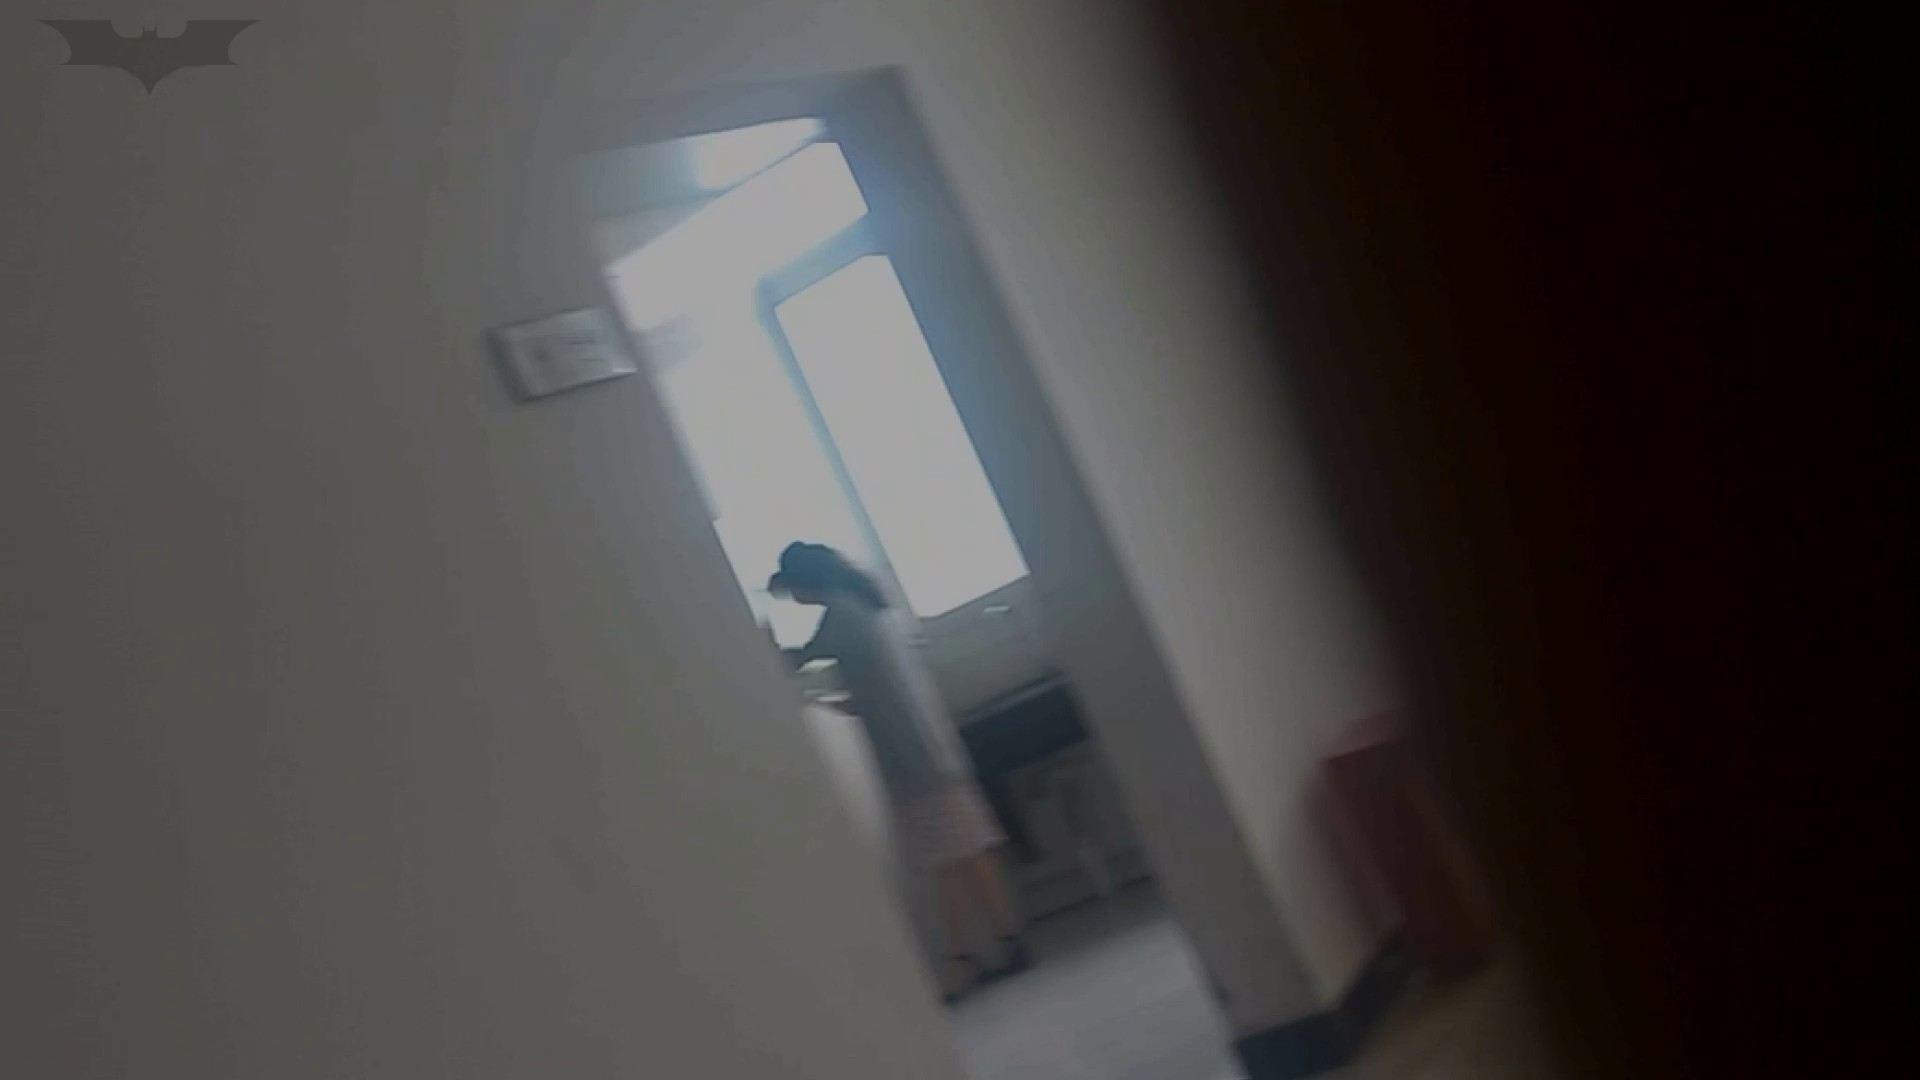 JD盗撮 美女の洗面所の秘密 Vol.12 高評価 | 美女H映像  105画像 1